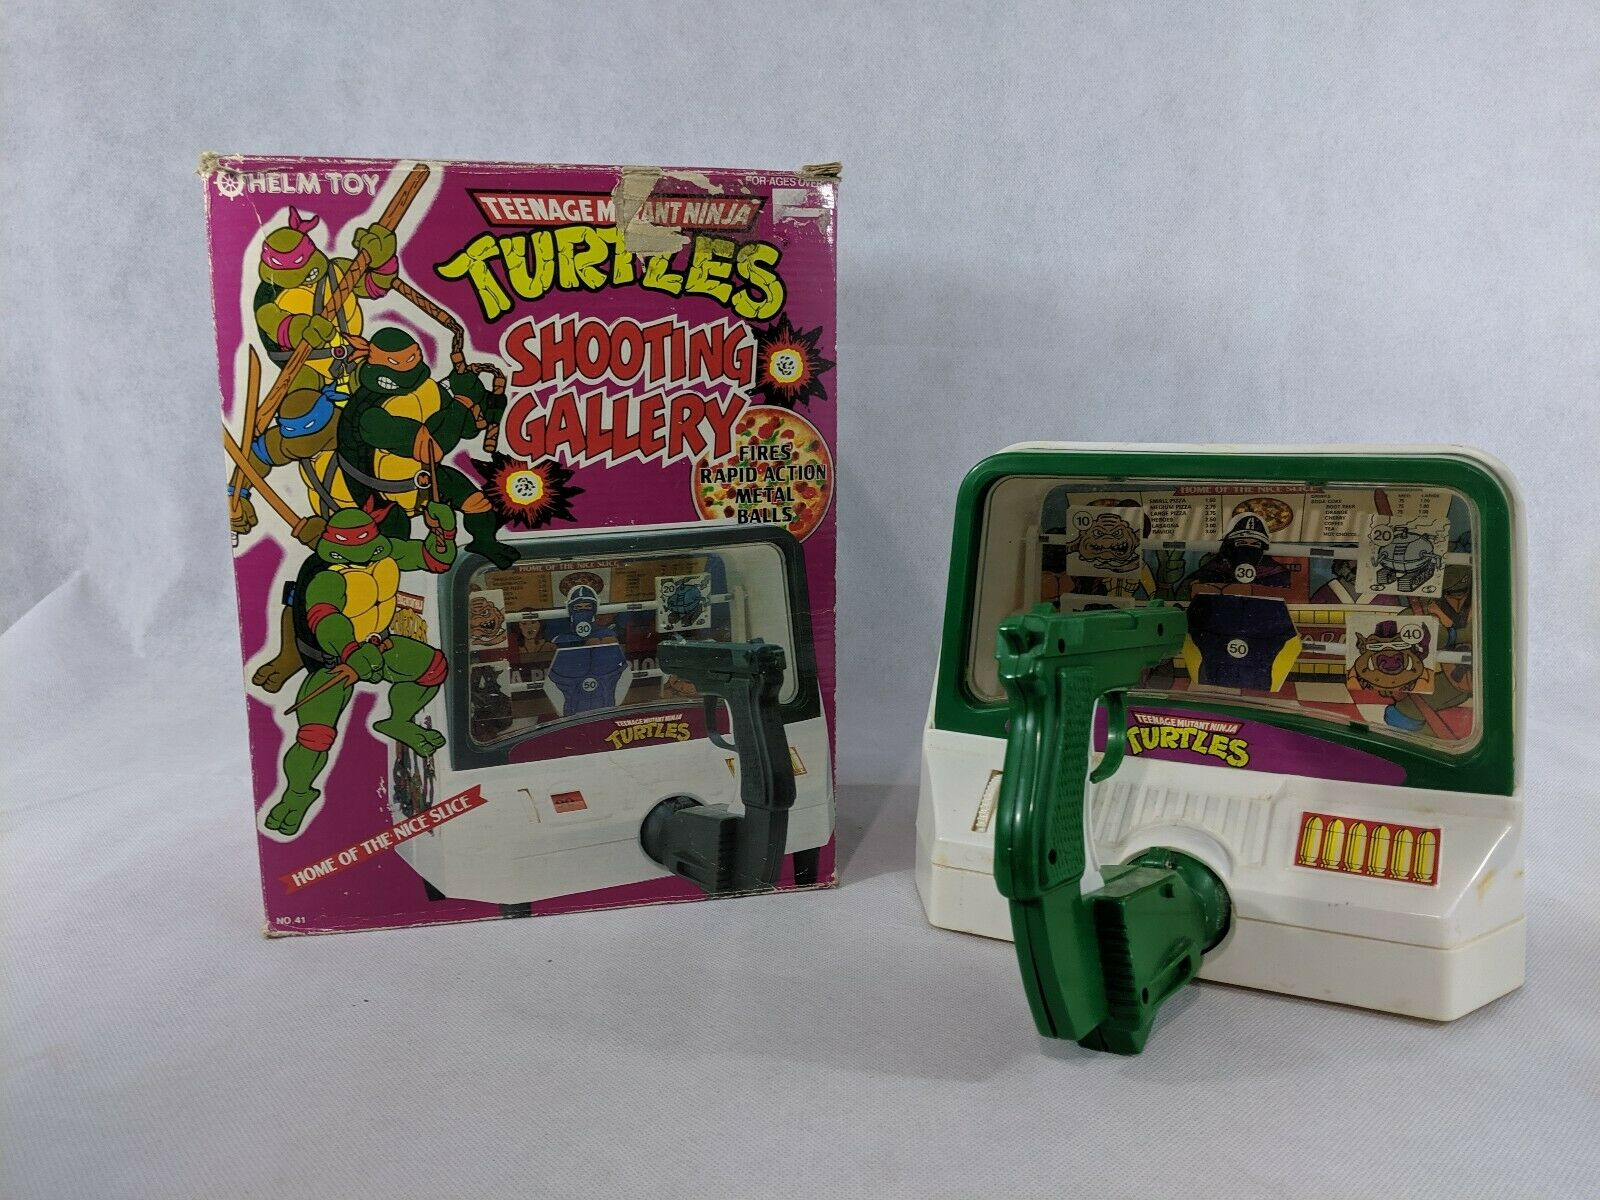 Teenage Mutant Ninja Turtles TMNT Shooting Gtuttiery Vintage giocattolo w scatola